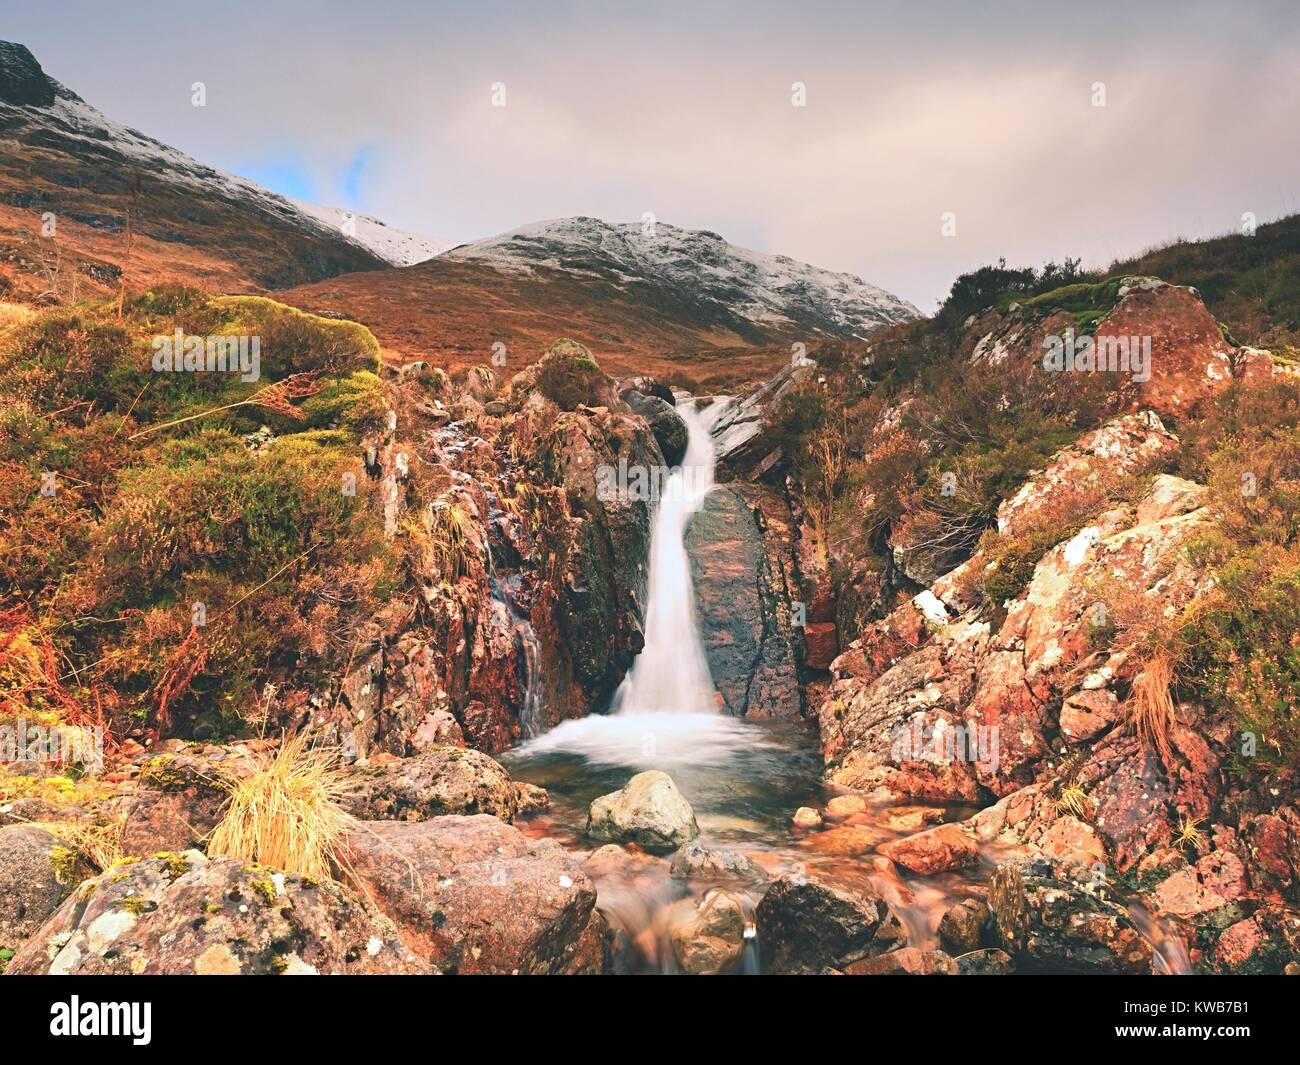 Paysage des montagnes d'eau sauvages à l'avant. Snowy White Mountain peaks et gris ciel nuageux Photo Stock